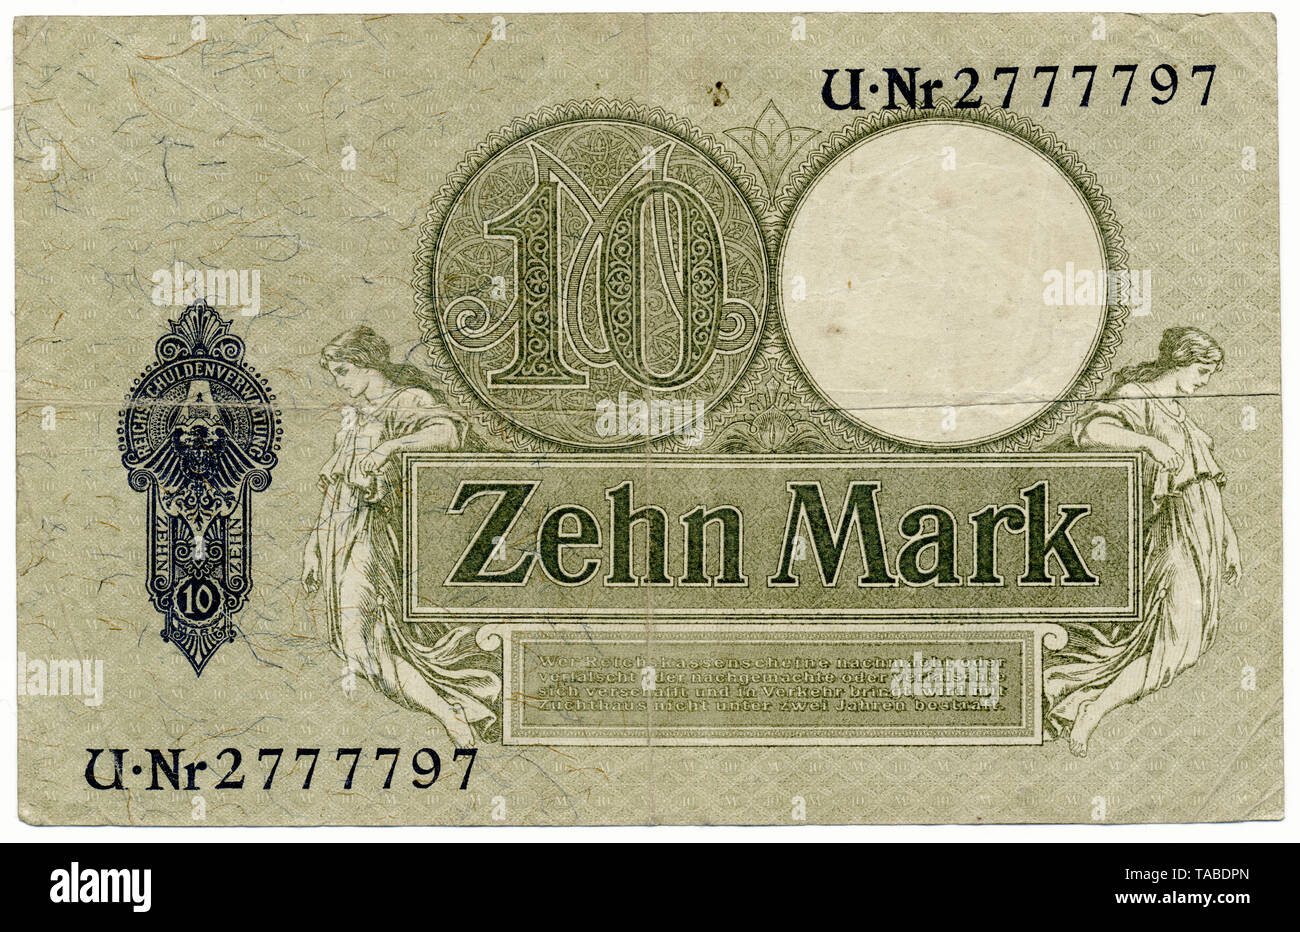 Rückseite der Reichsbank Banknote, Reichskassenschein, Reichsbanknote, 10 Mark, 1906, Deutschland, Europa Stockbild